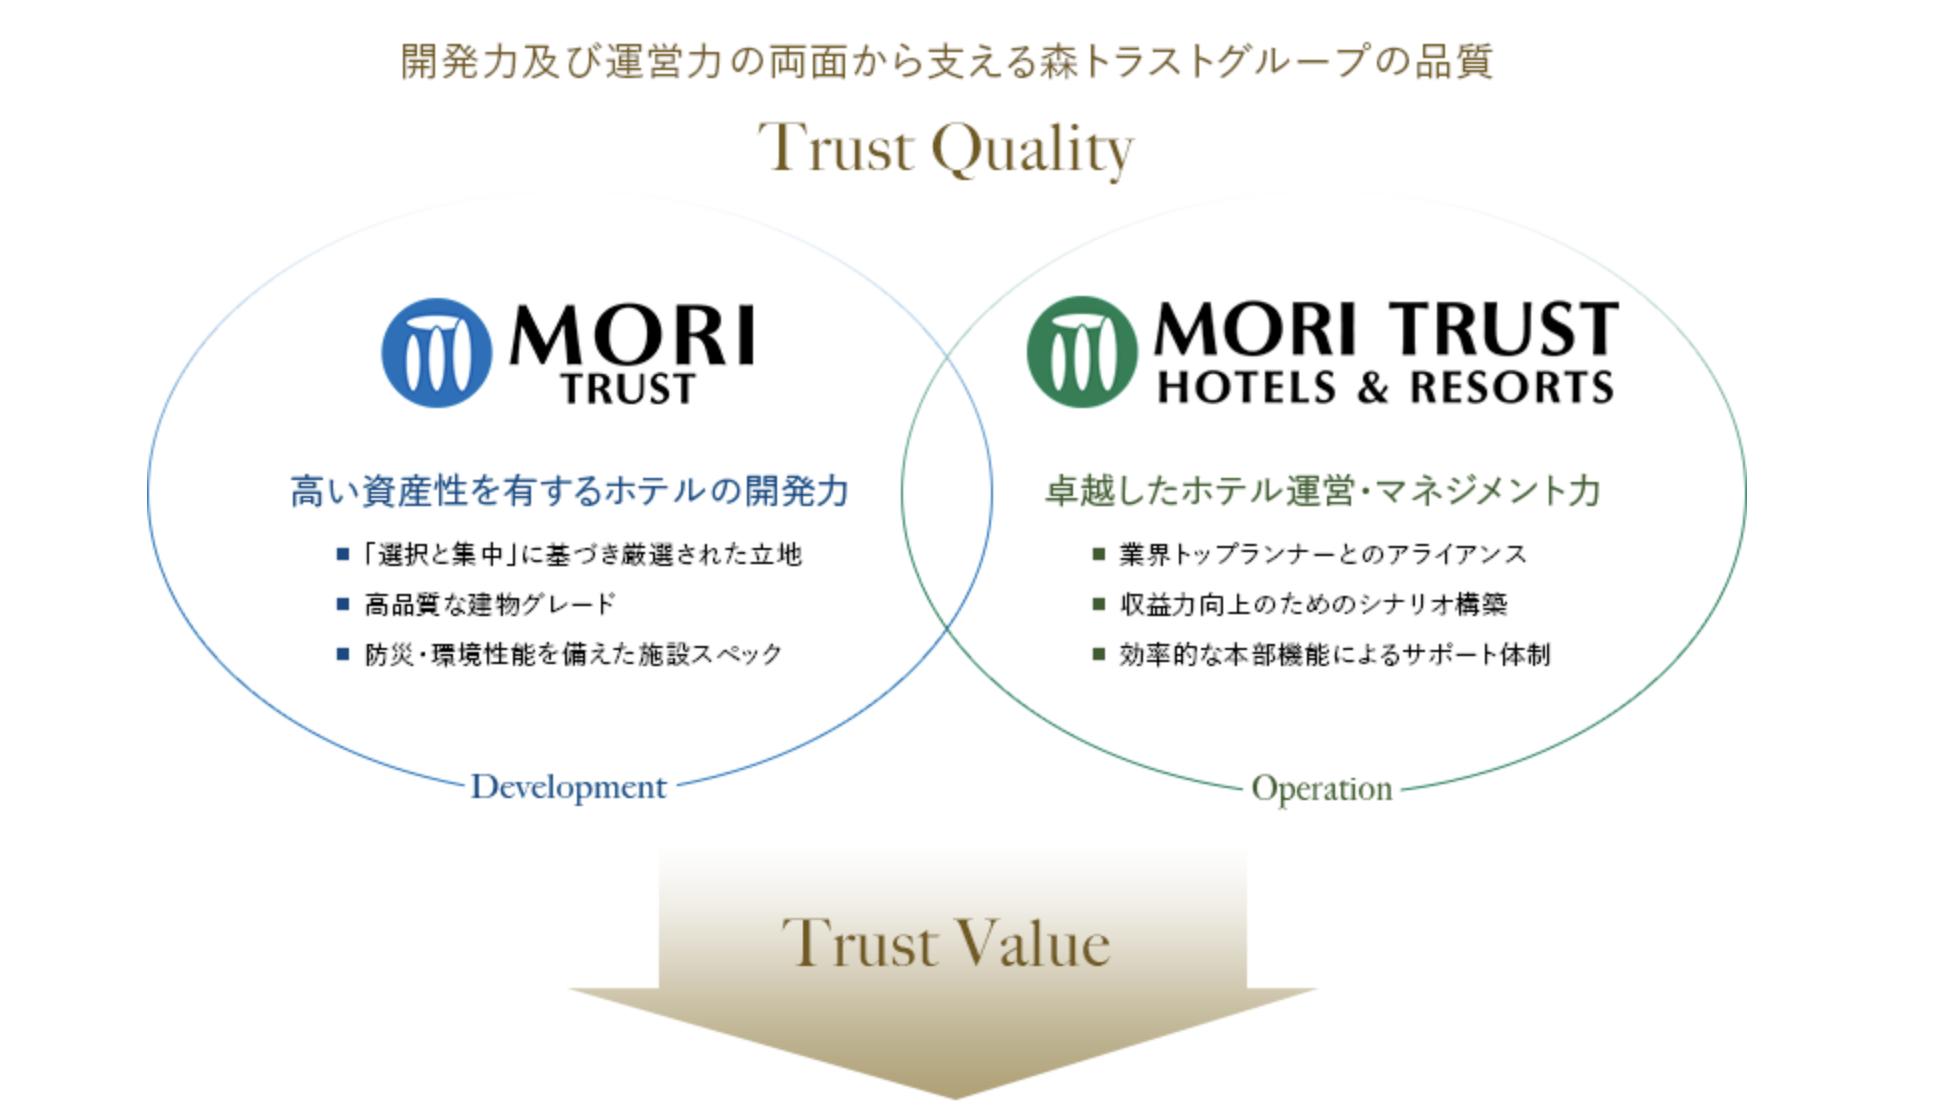 森トラスト・ホテルリート投資法人  (3478)の特徴と強み